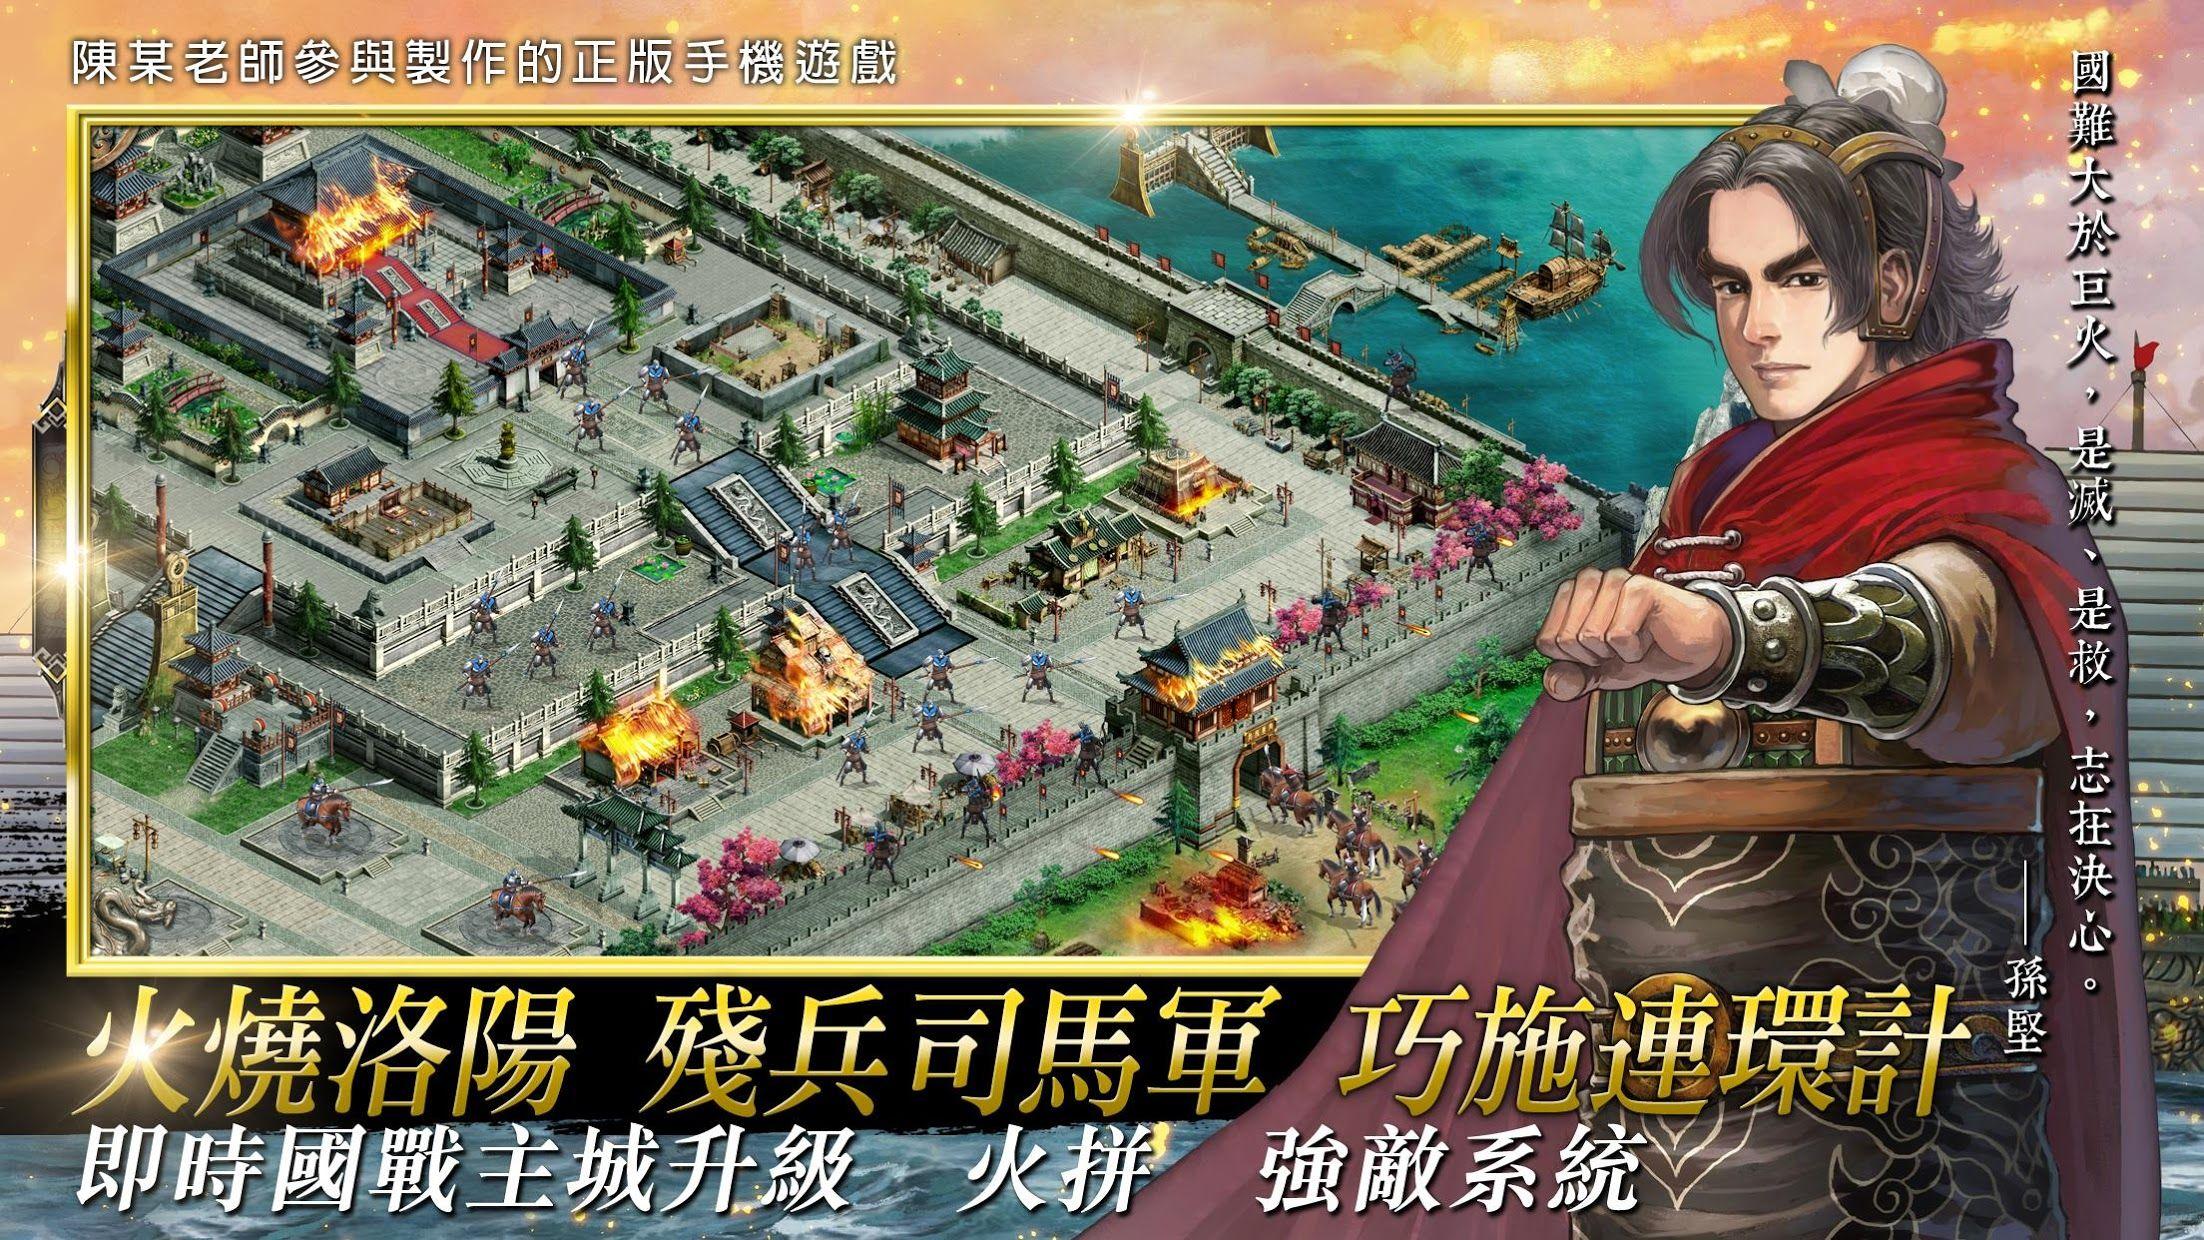 新火凤燎原-乱世英雄 游戏截图5